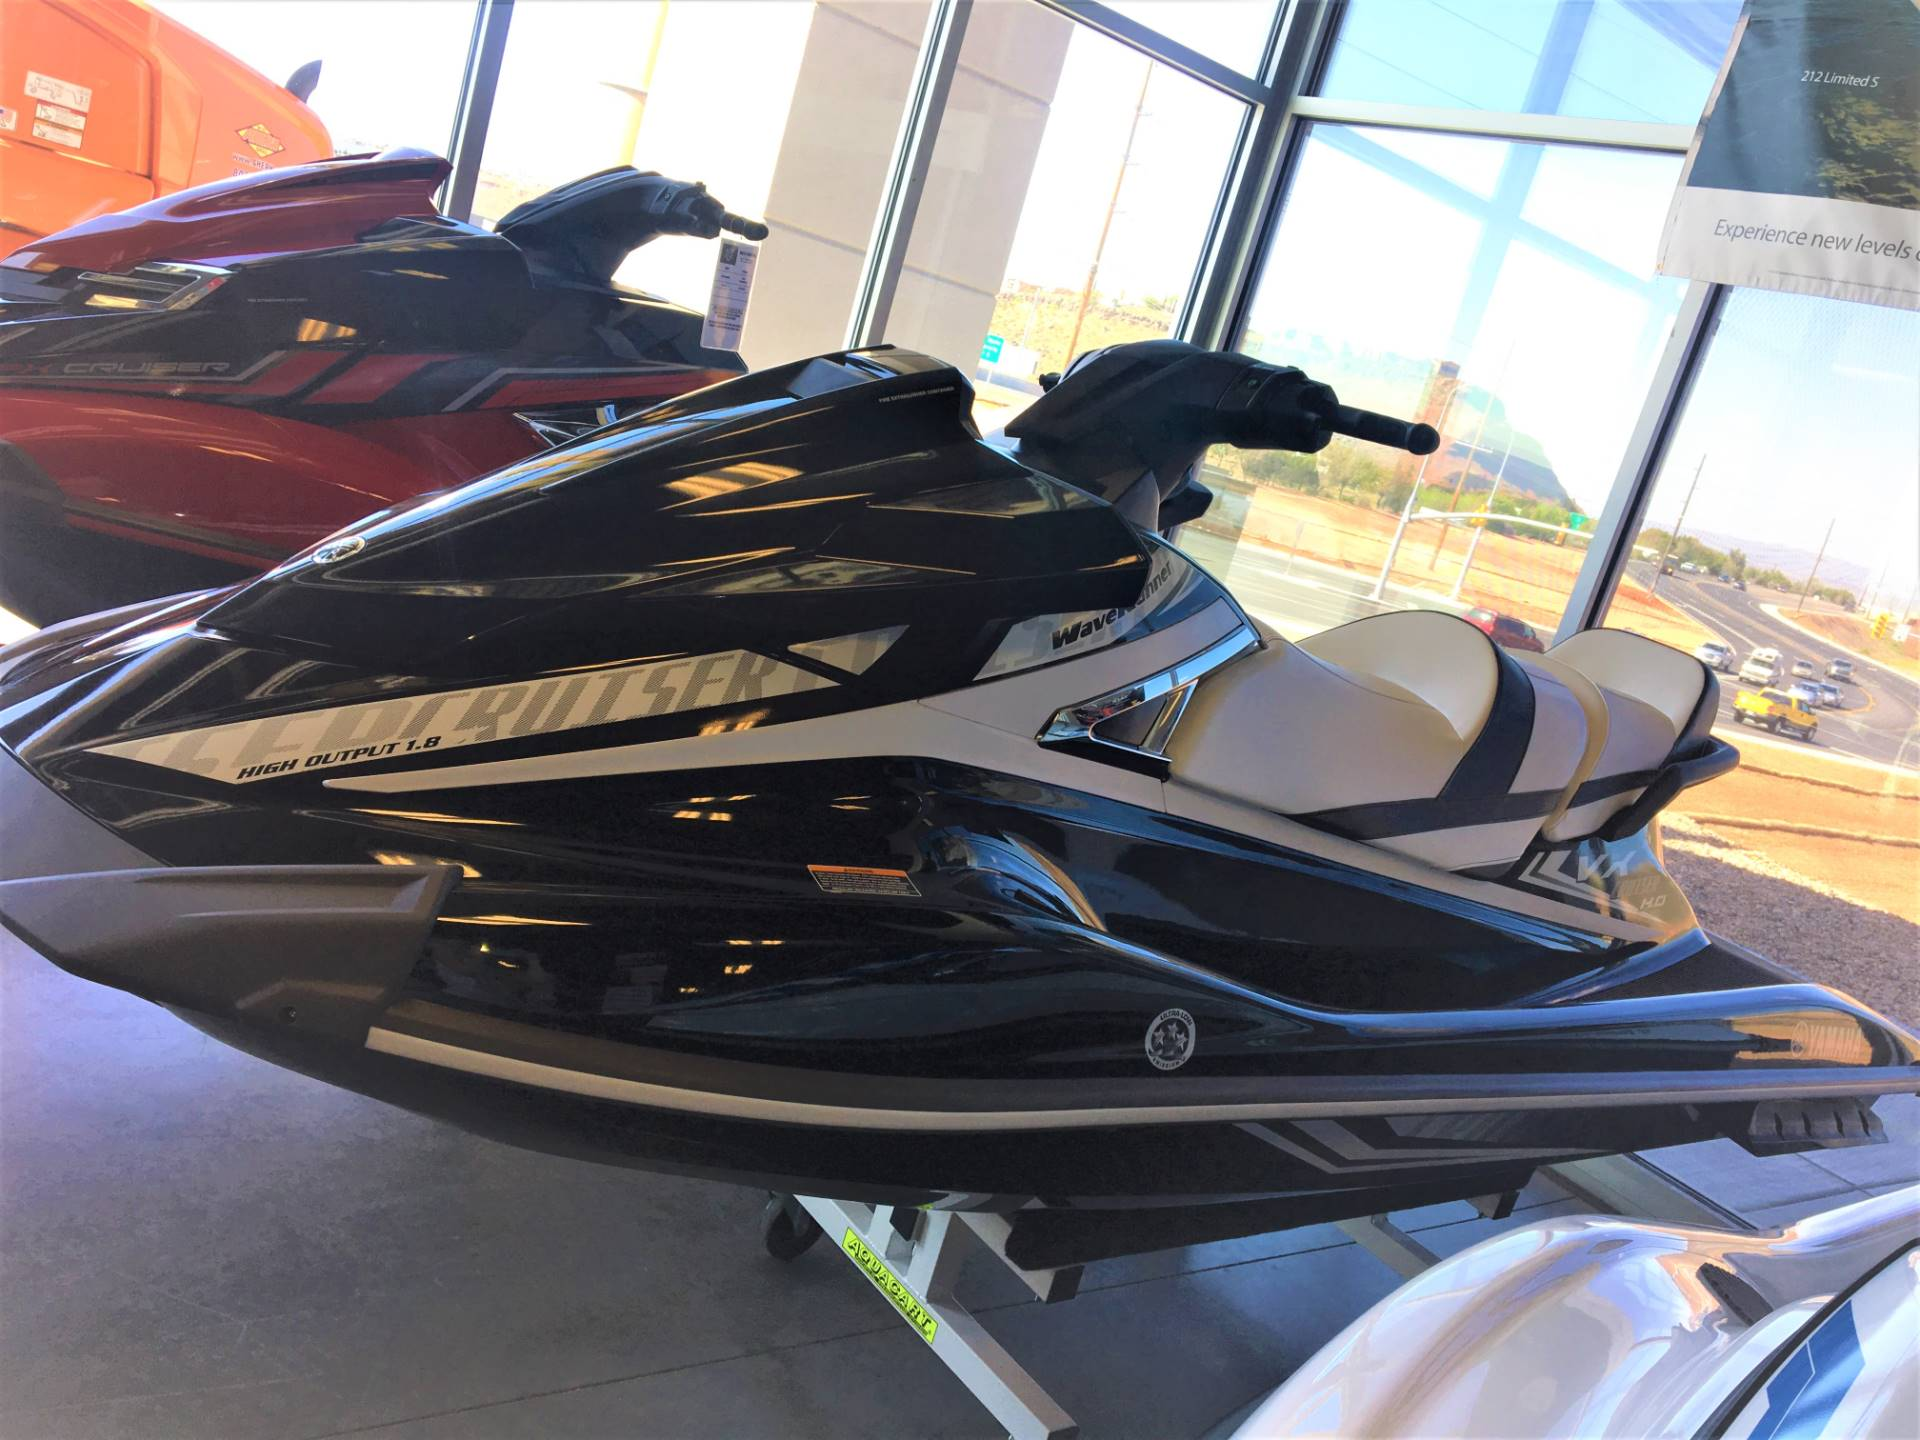 2016 Yamaha VX Cruiser HO for sale 118880